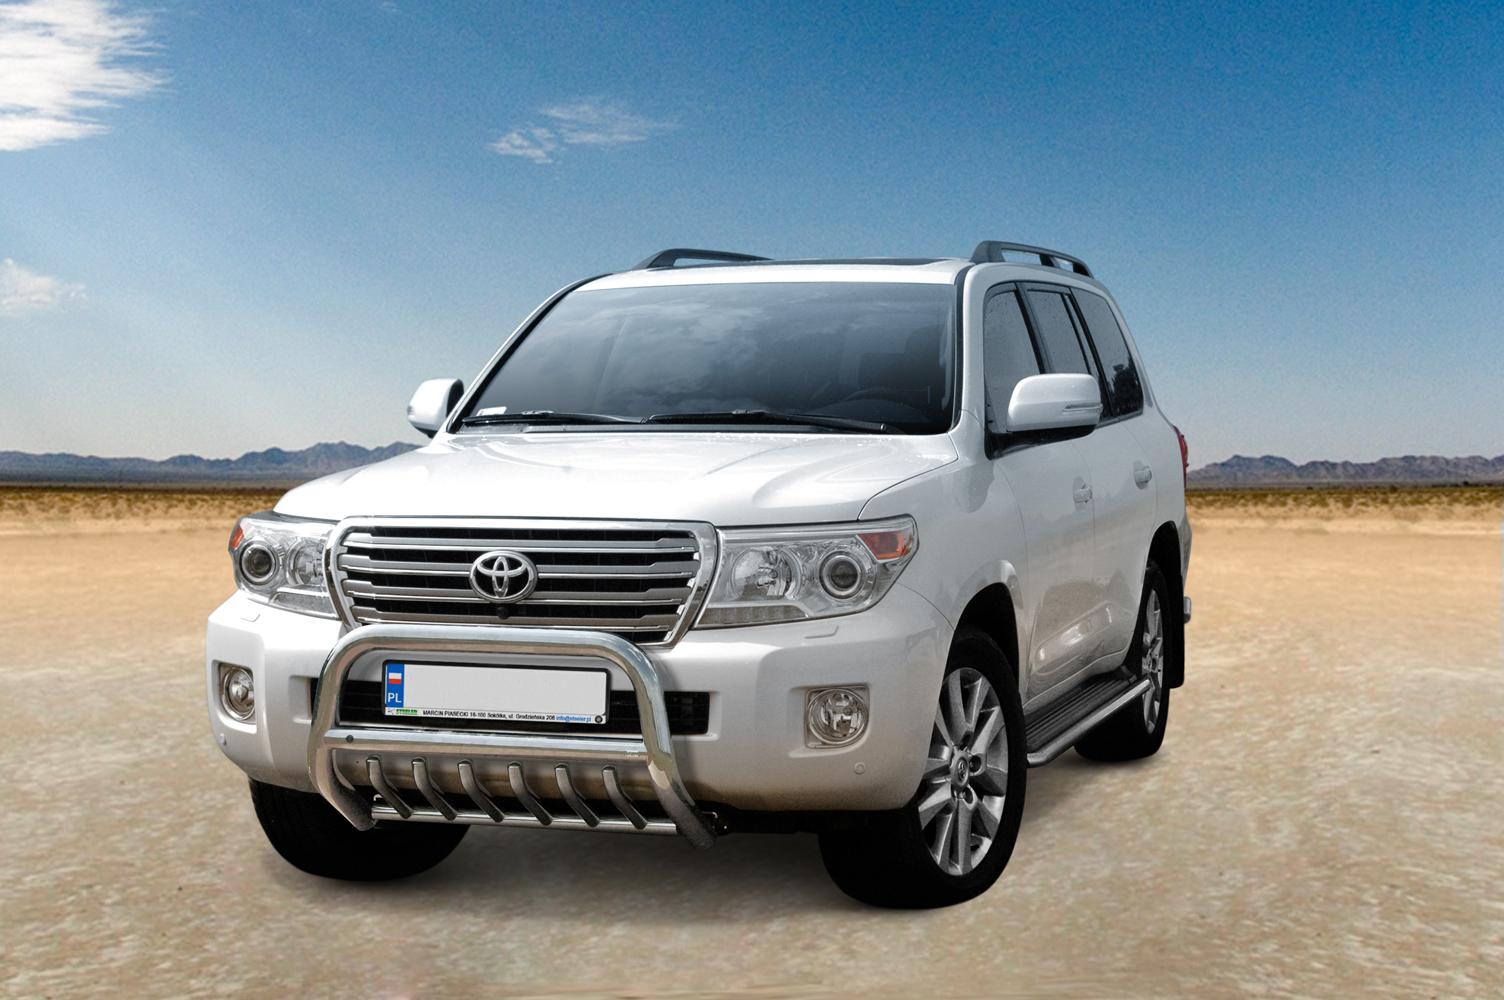 EU-Kufanger Ø 70mm/Ø 60mm, underkjørseksjon (rør), Toyota LAND CRUISER V8, mod. 2012->2016